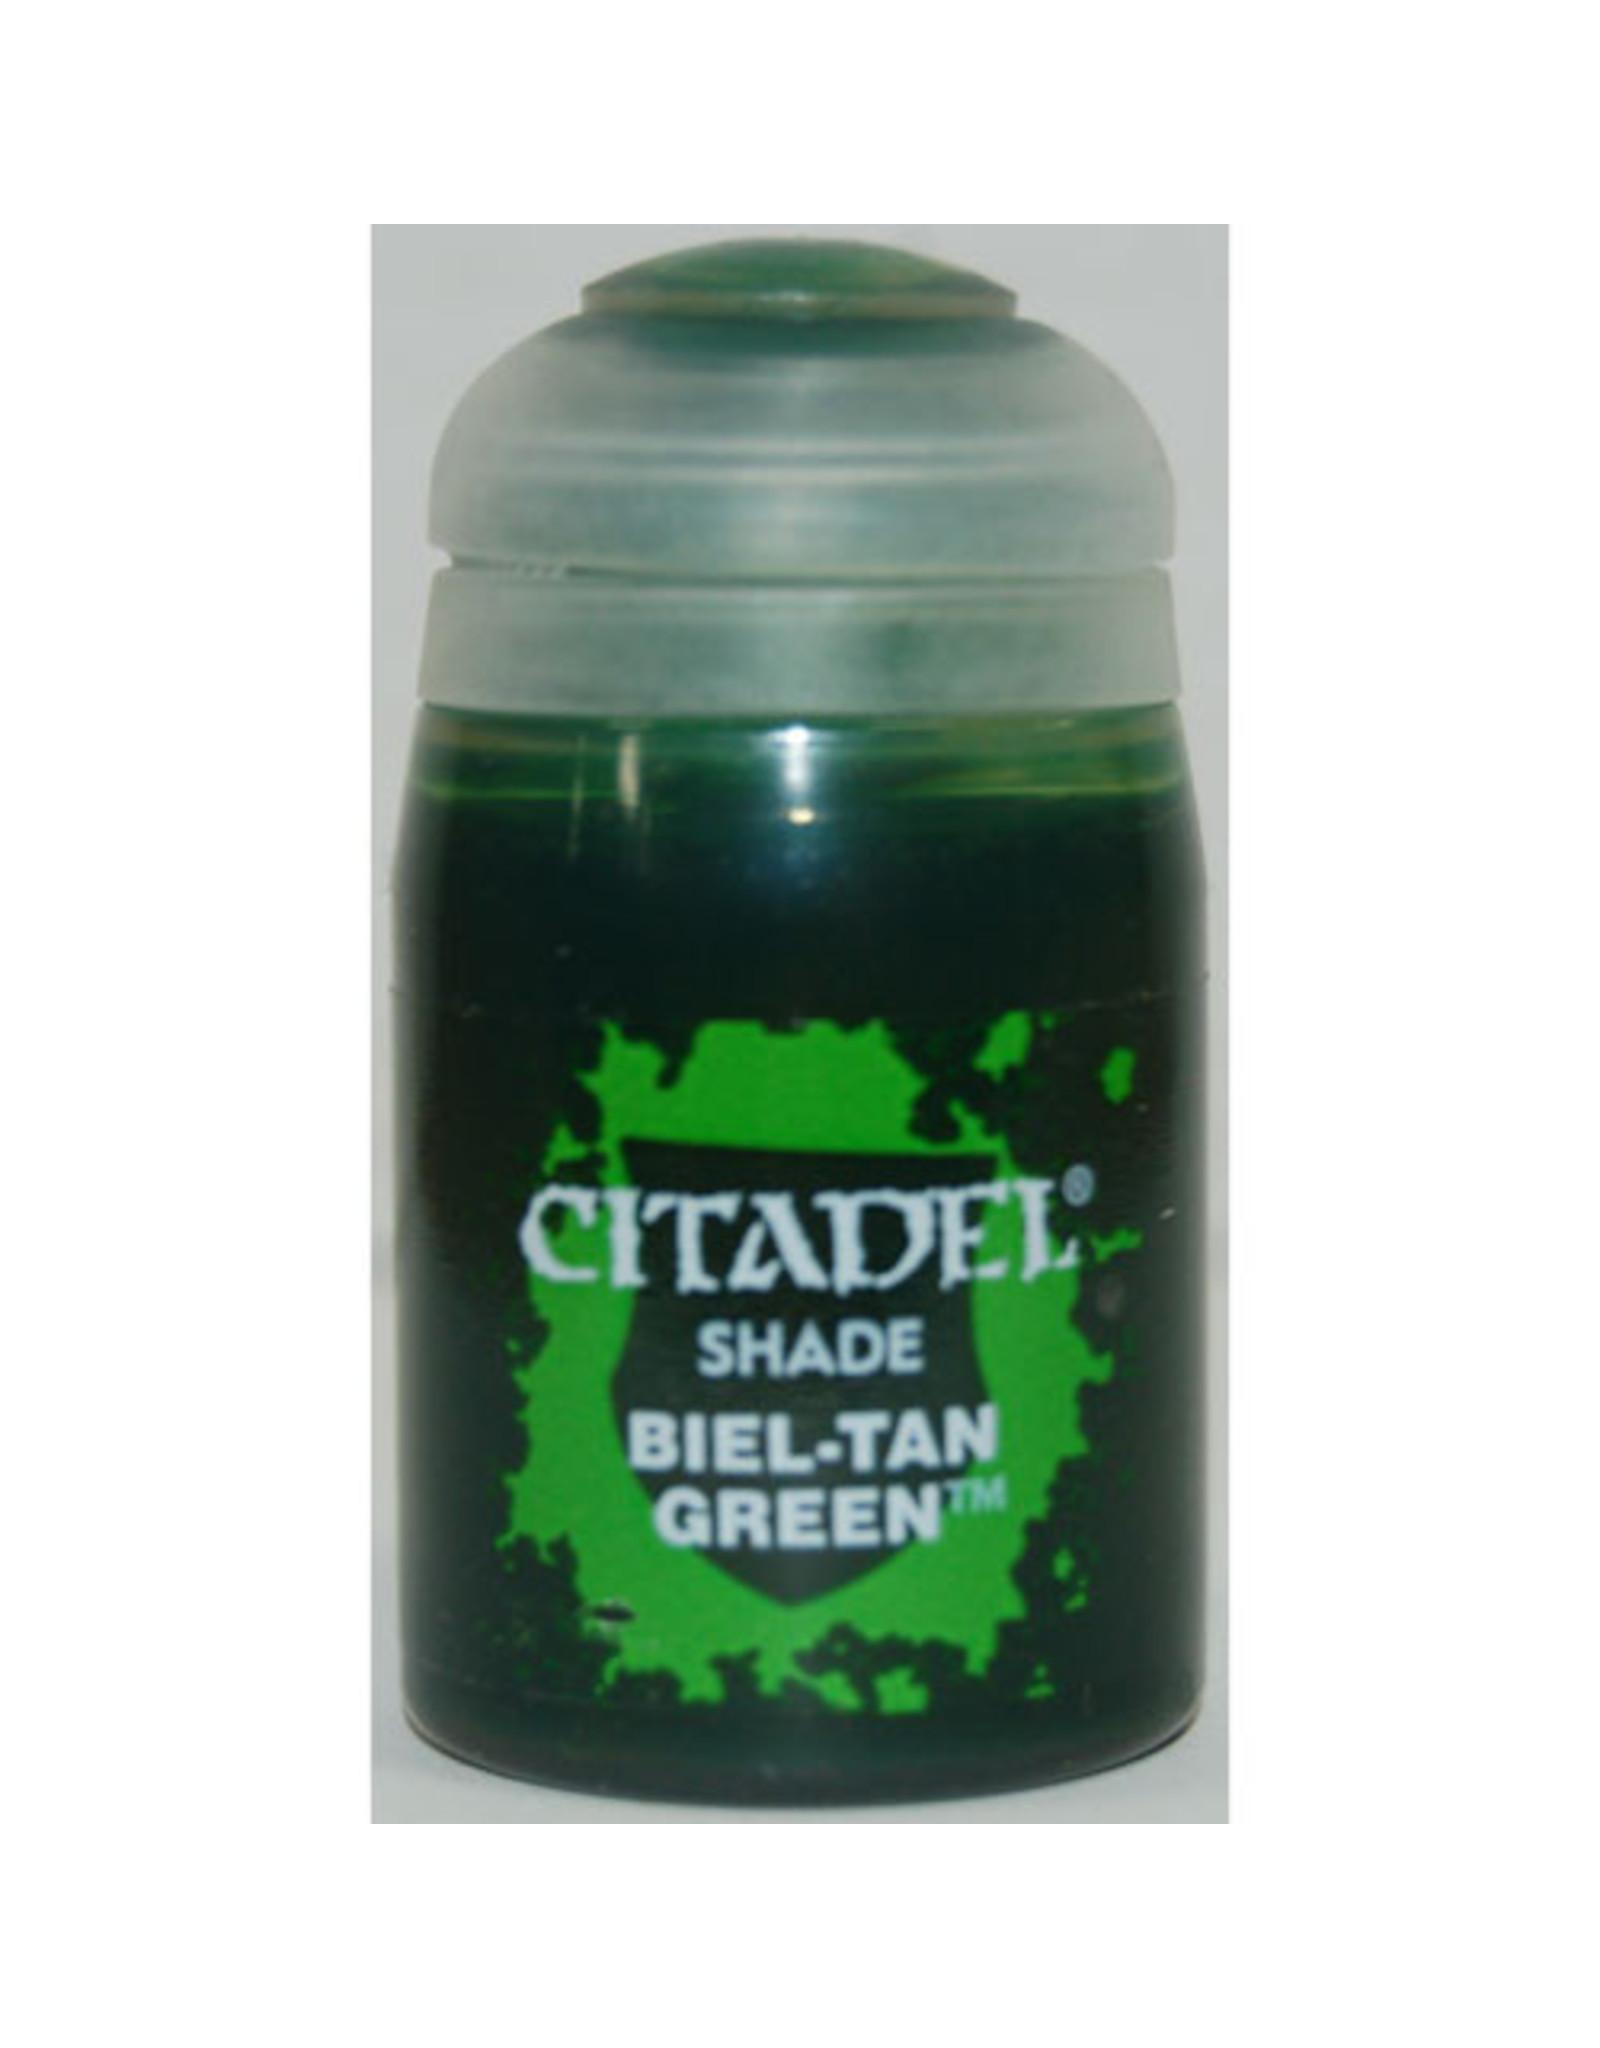 Citadel Citadel Paints: Shade - Biel-Tan Green